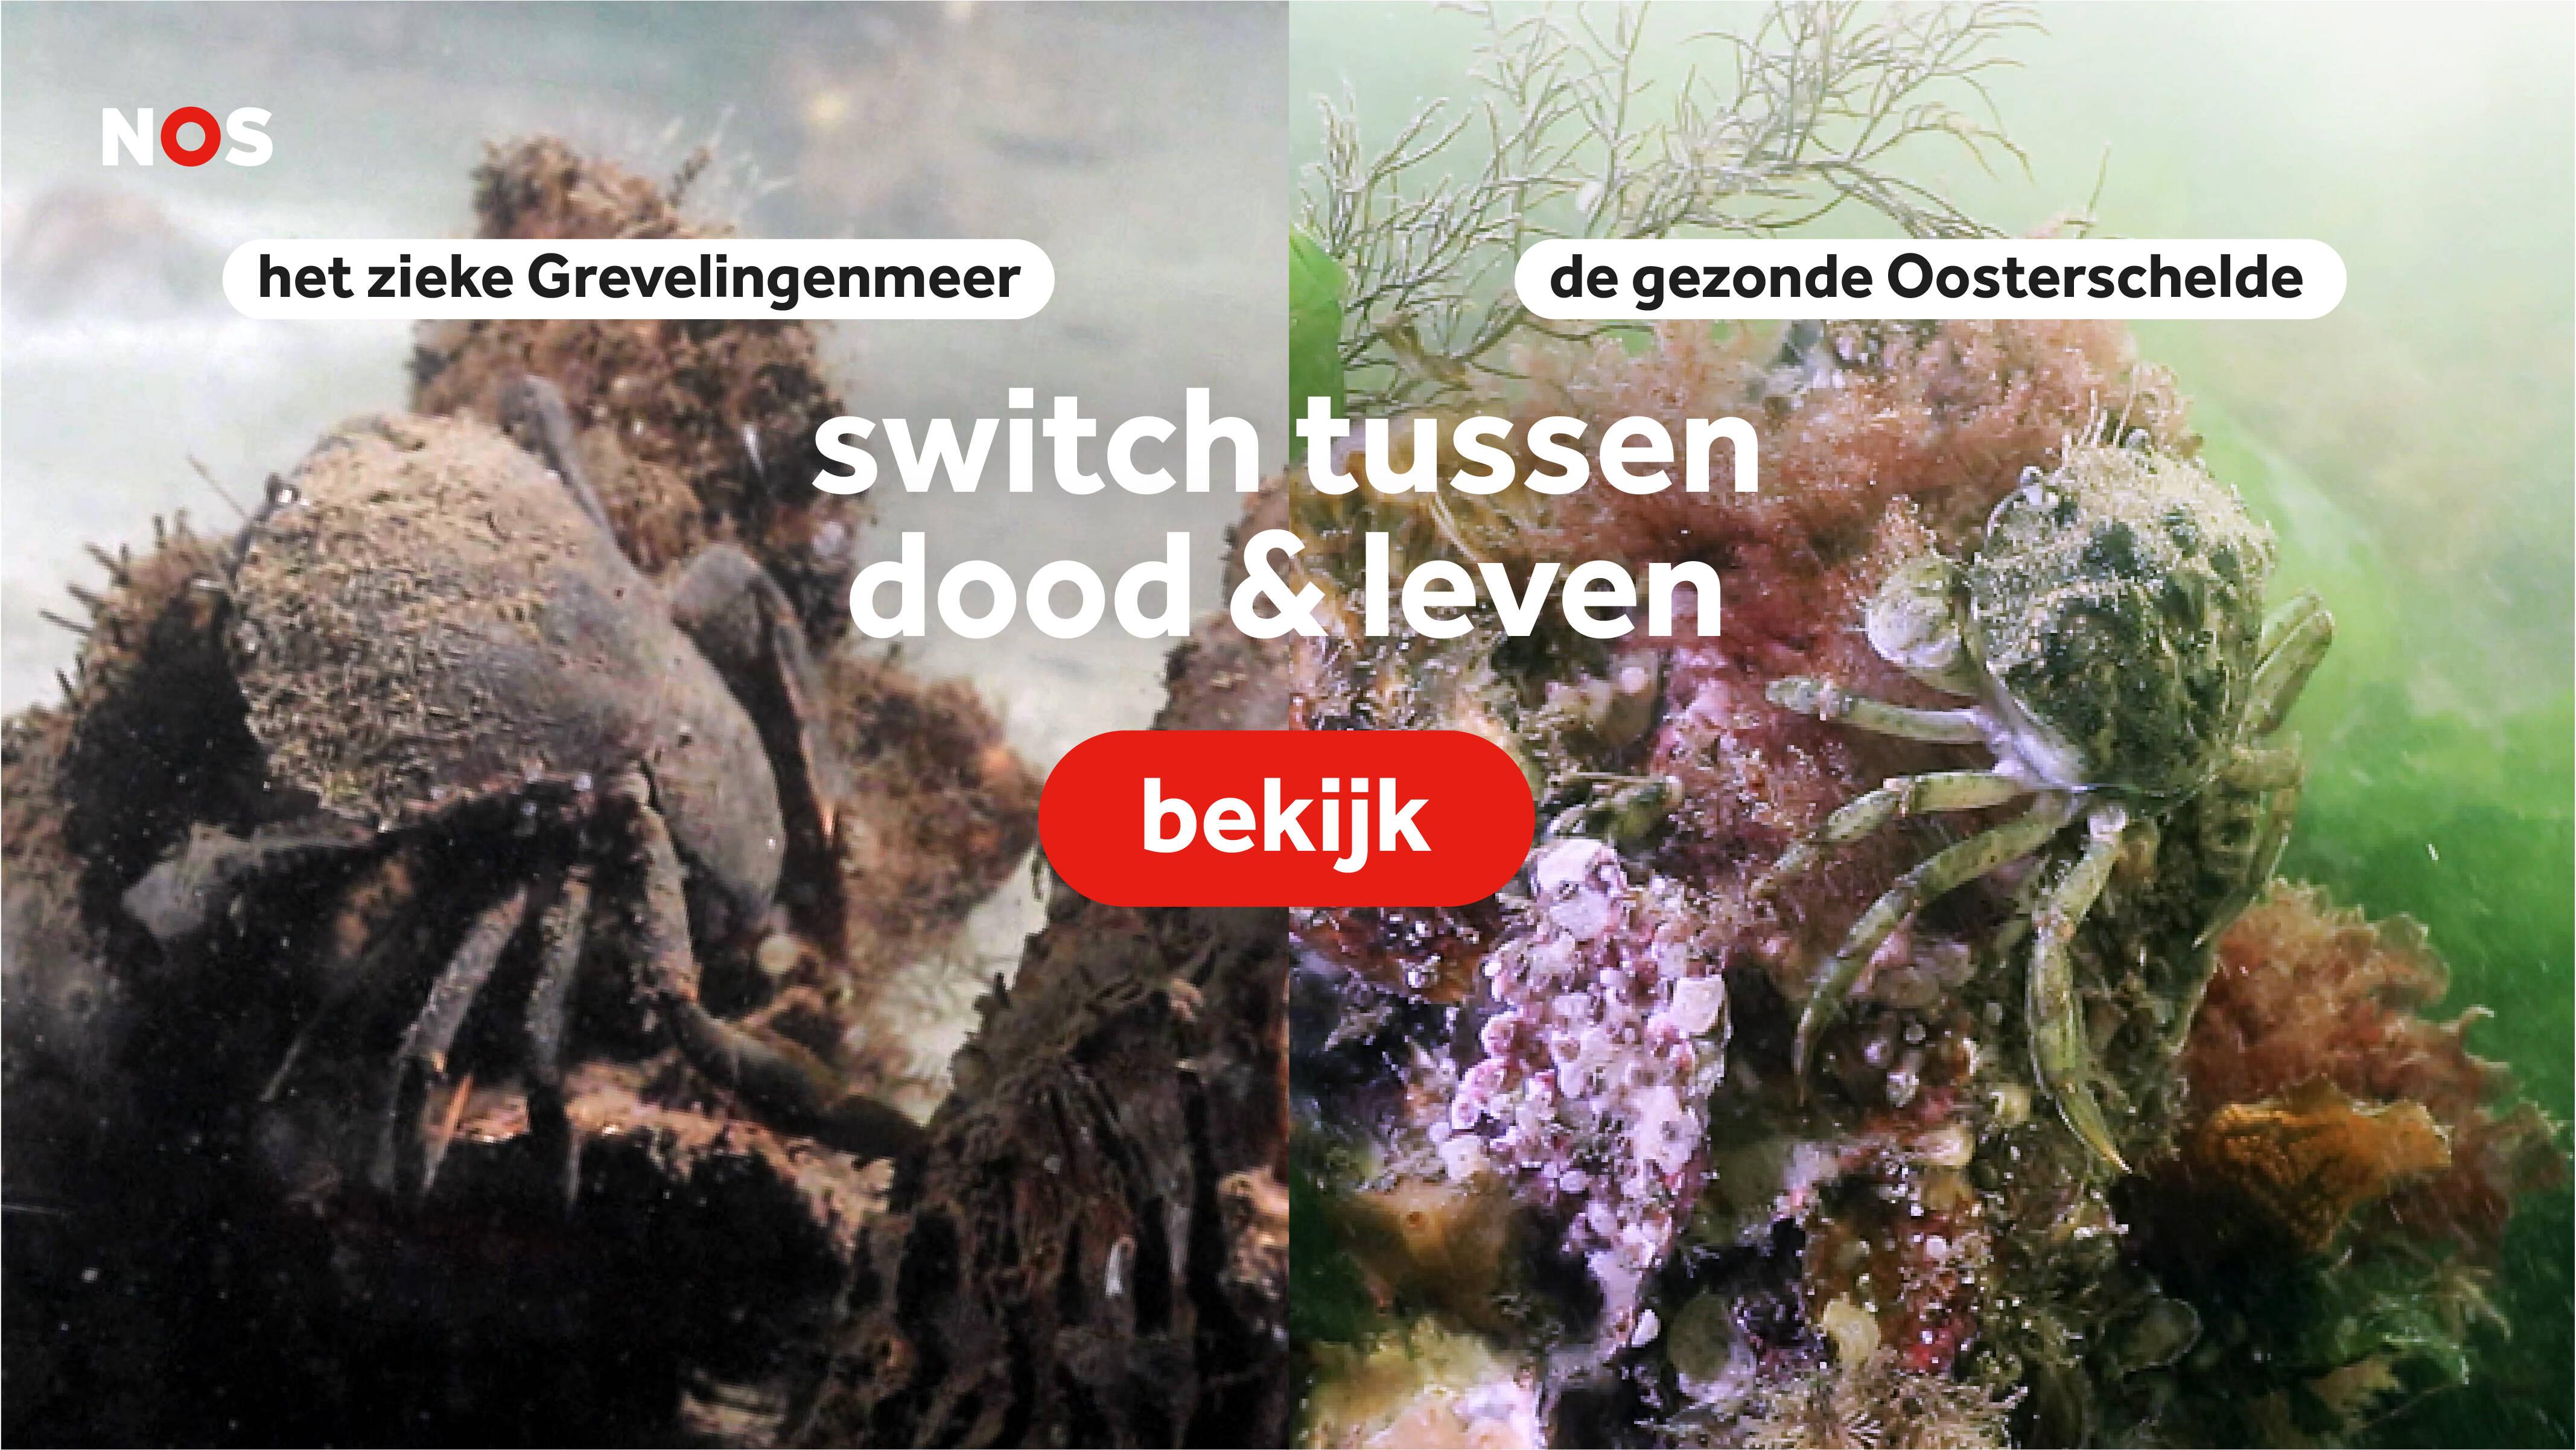 Adembenemend: Grevelingenmeer & Oosterschelde 🌊🐟